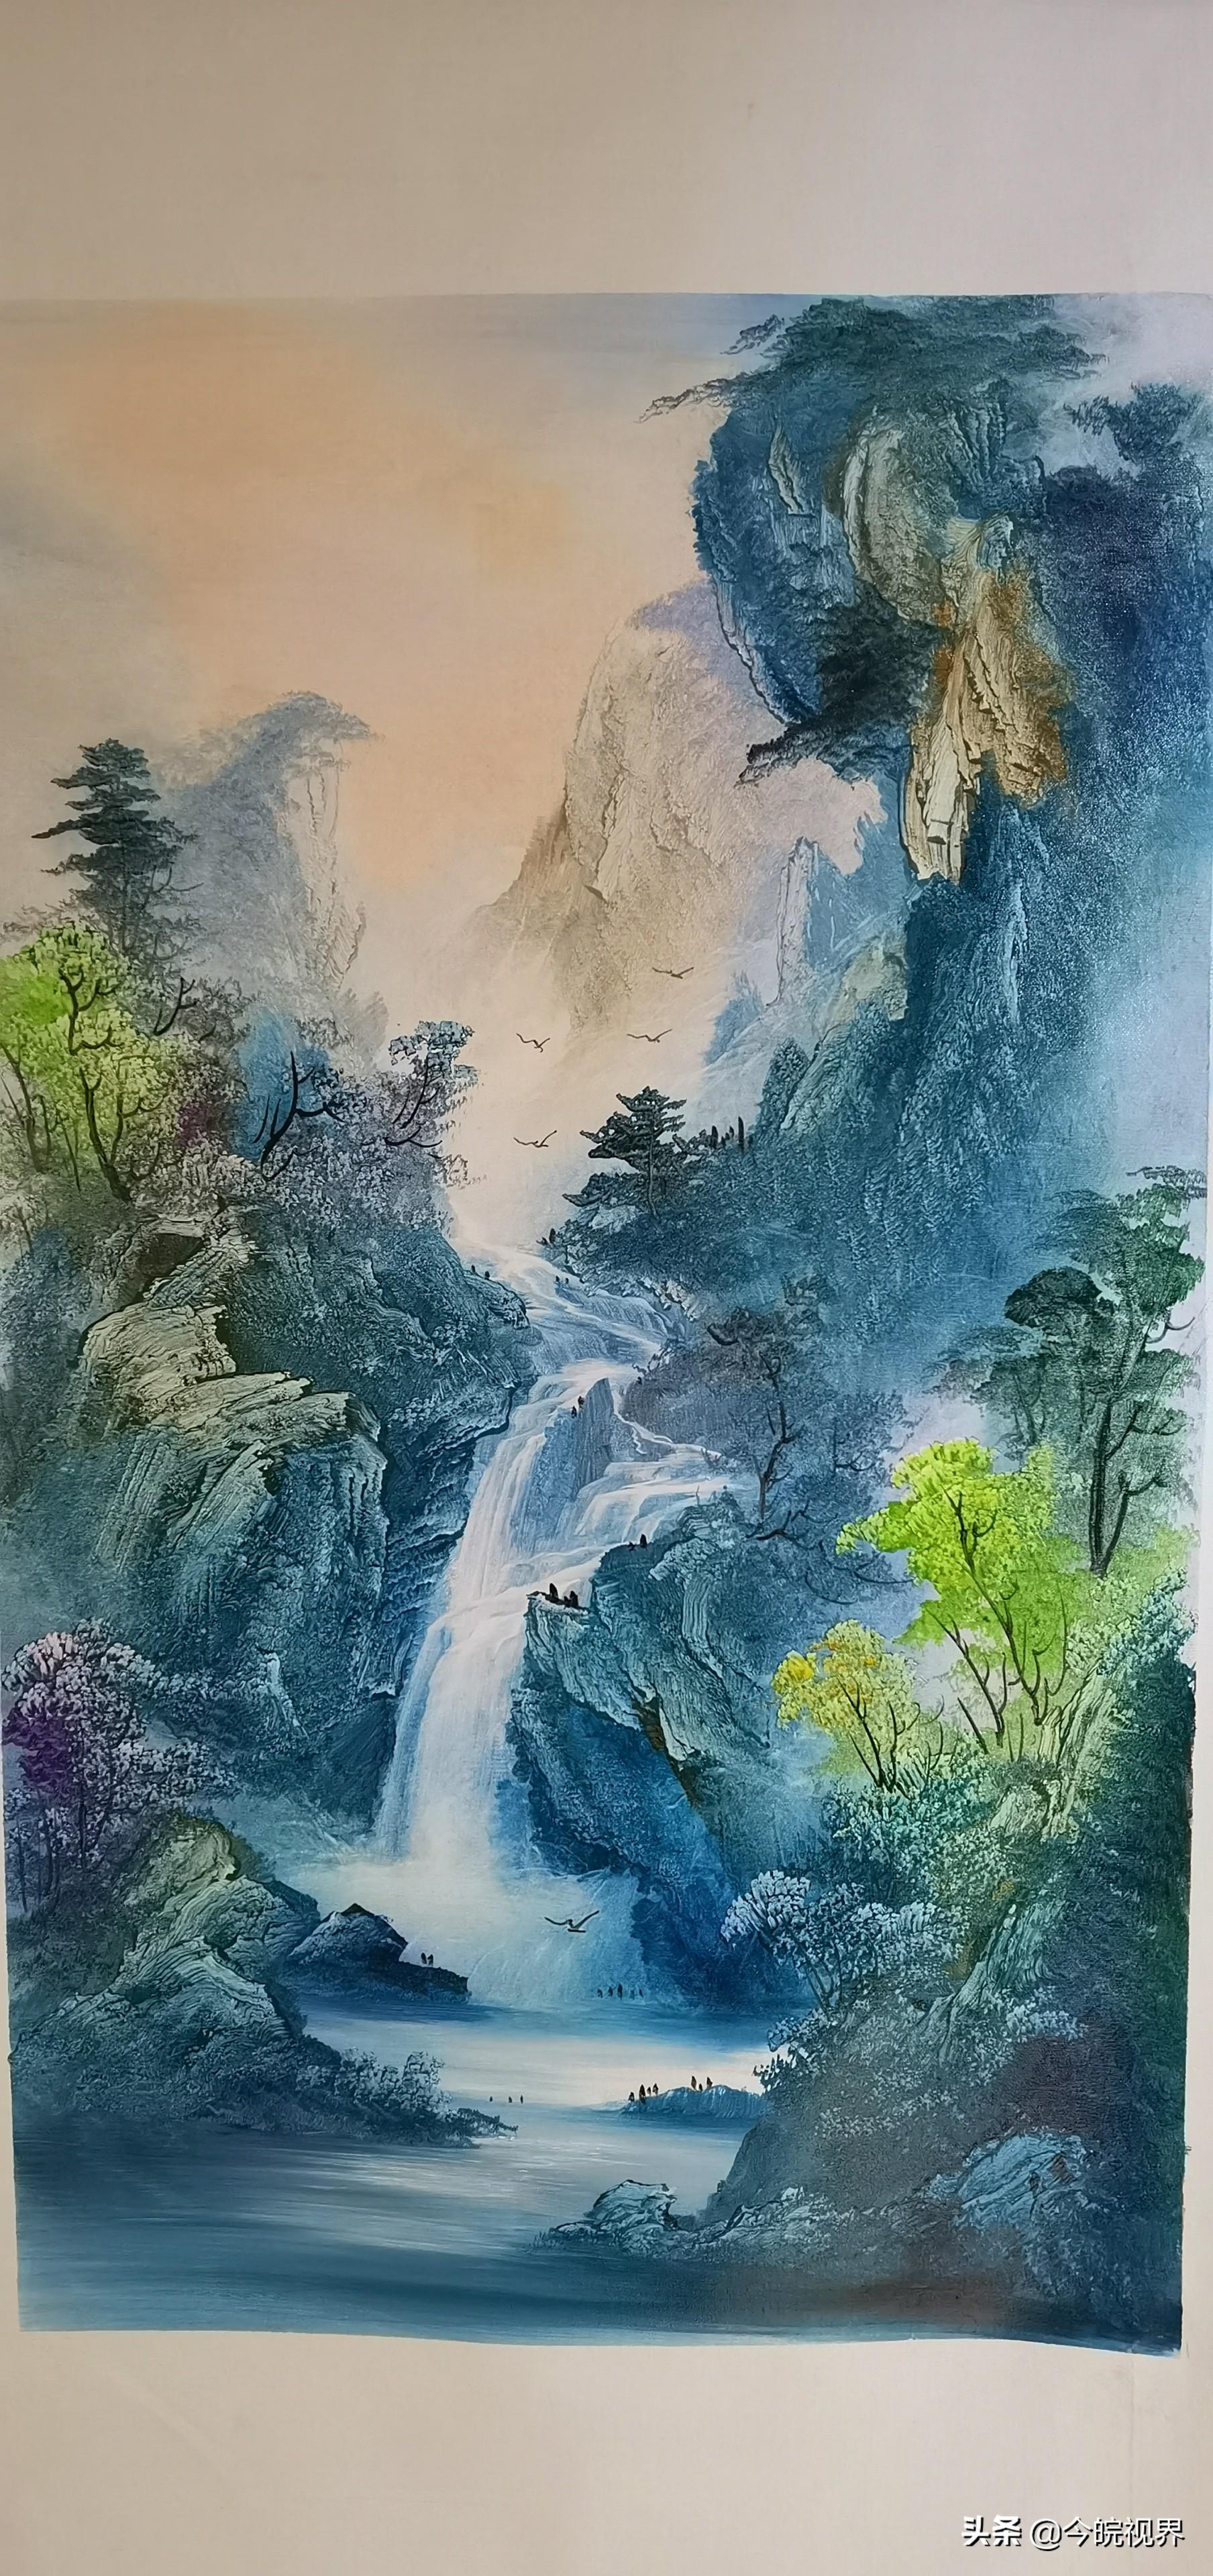 境由心造 意境幽远——访中国刀画大师许家池